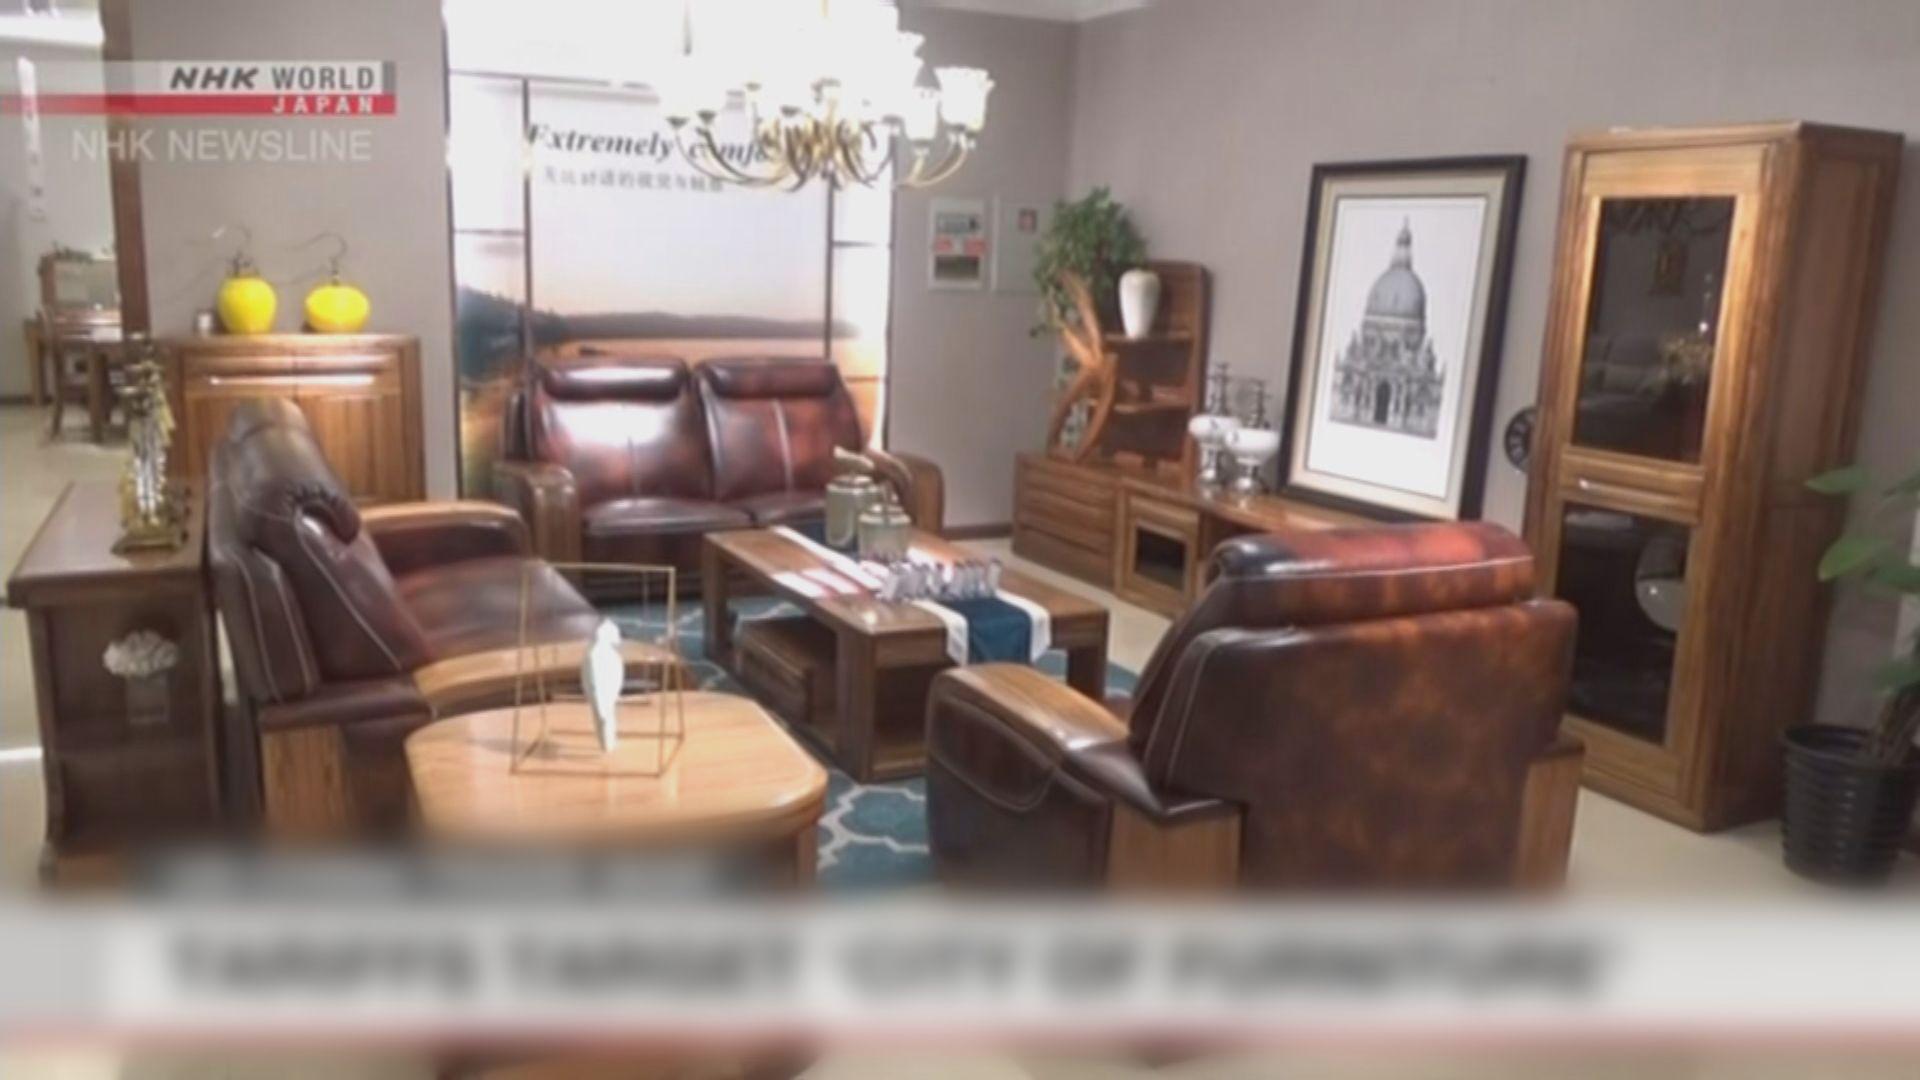 【環球薈報】河北廊坊市家具商大受貿易戰衝擊